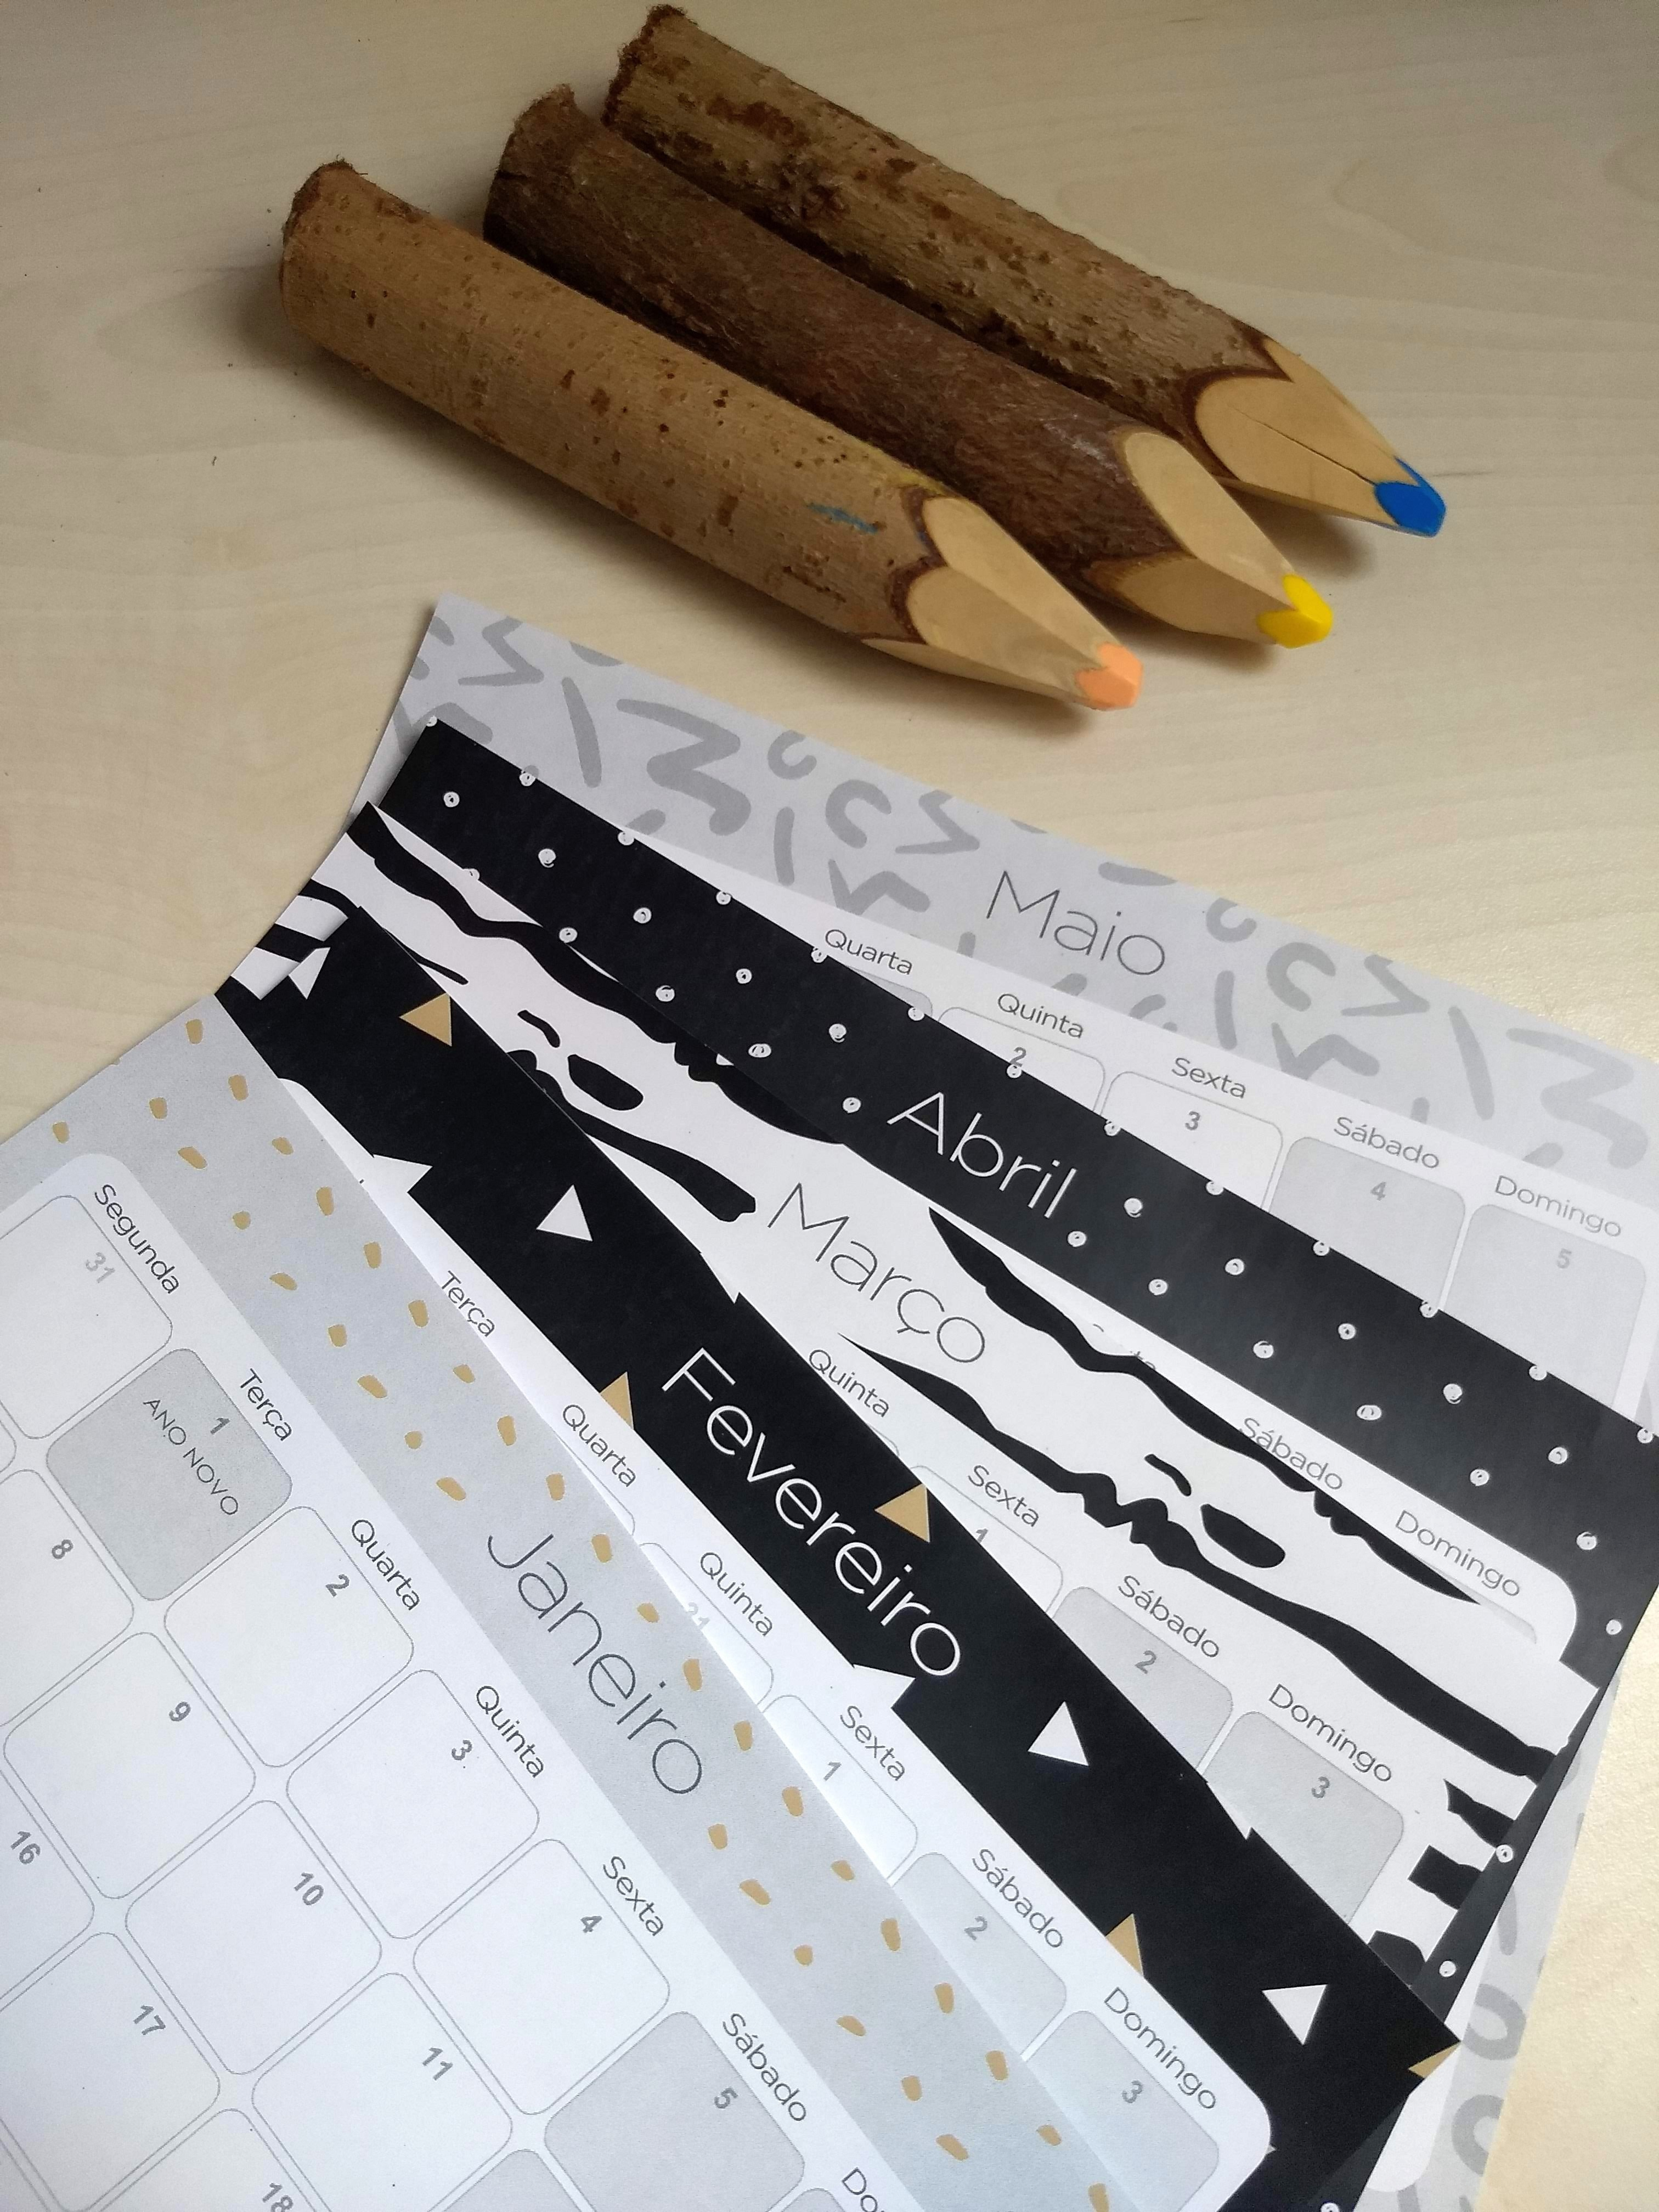 Calendario Mesa 2019 Imprimir Gratis Más Recientes Calendário 2019 Of Calendario Mesa 2019 Imprimir Gratis Más Arriba-a-fecha Escritorio Pad Calendario 2019 Mensual Con soporte Septiembre 2018